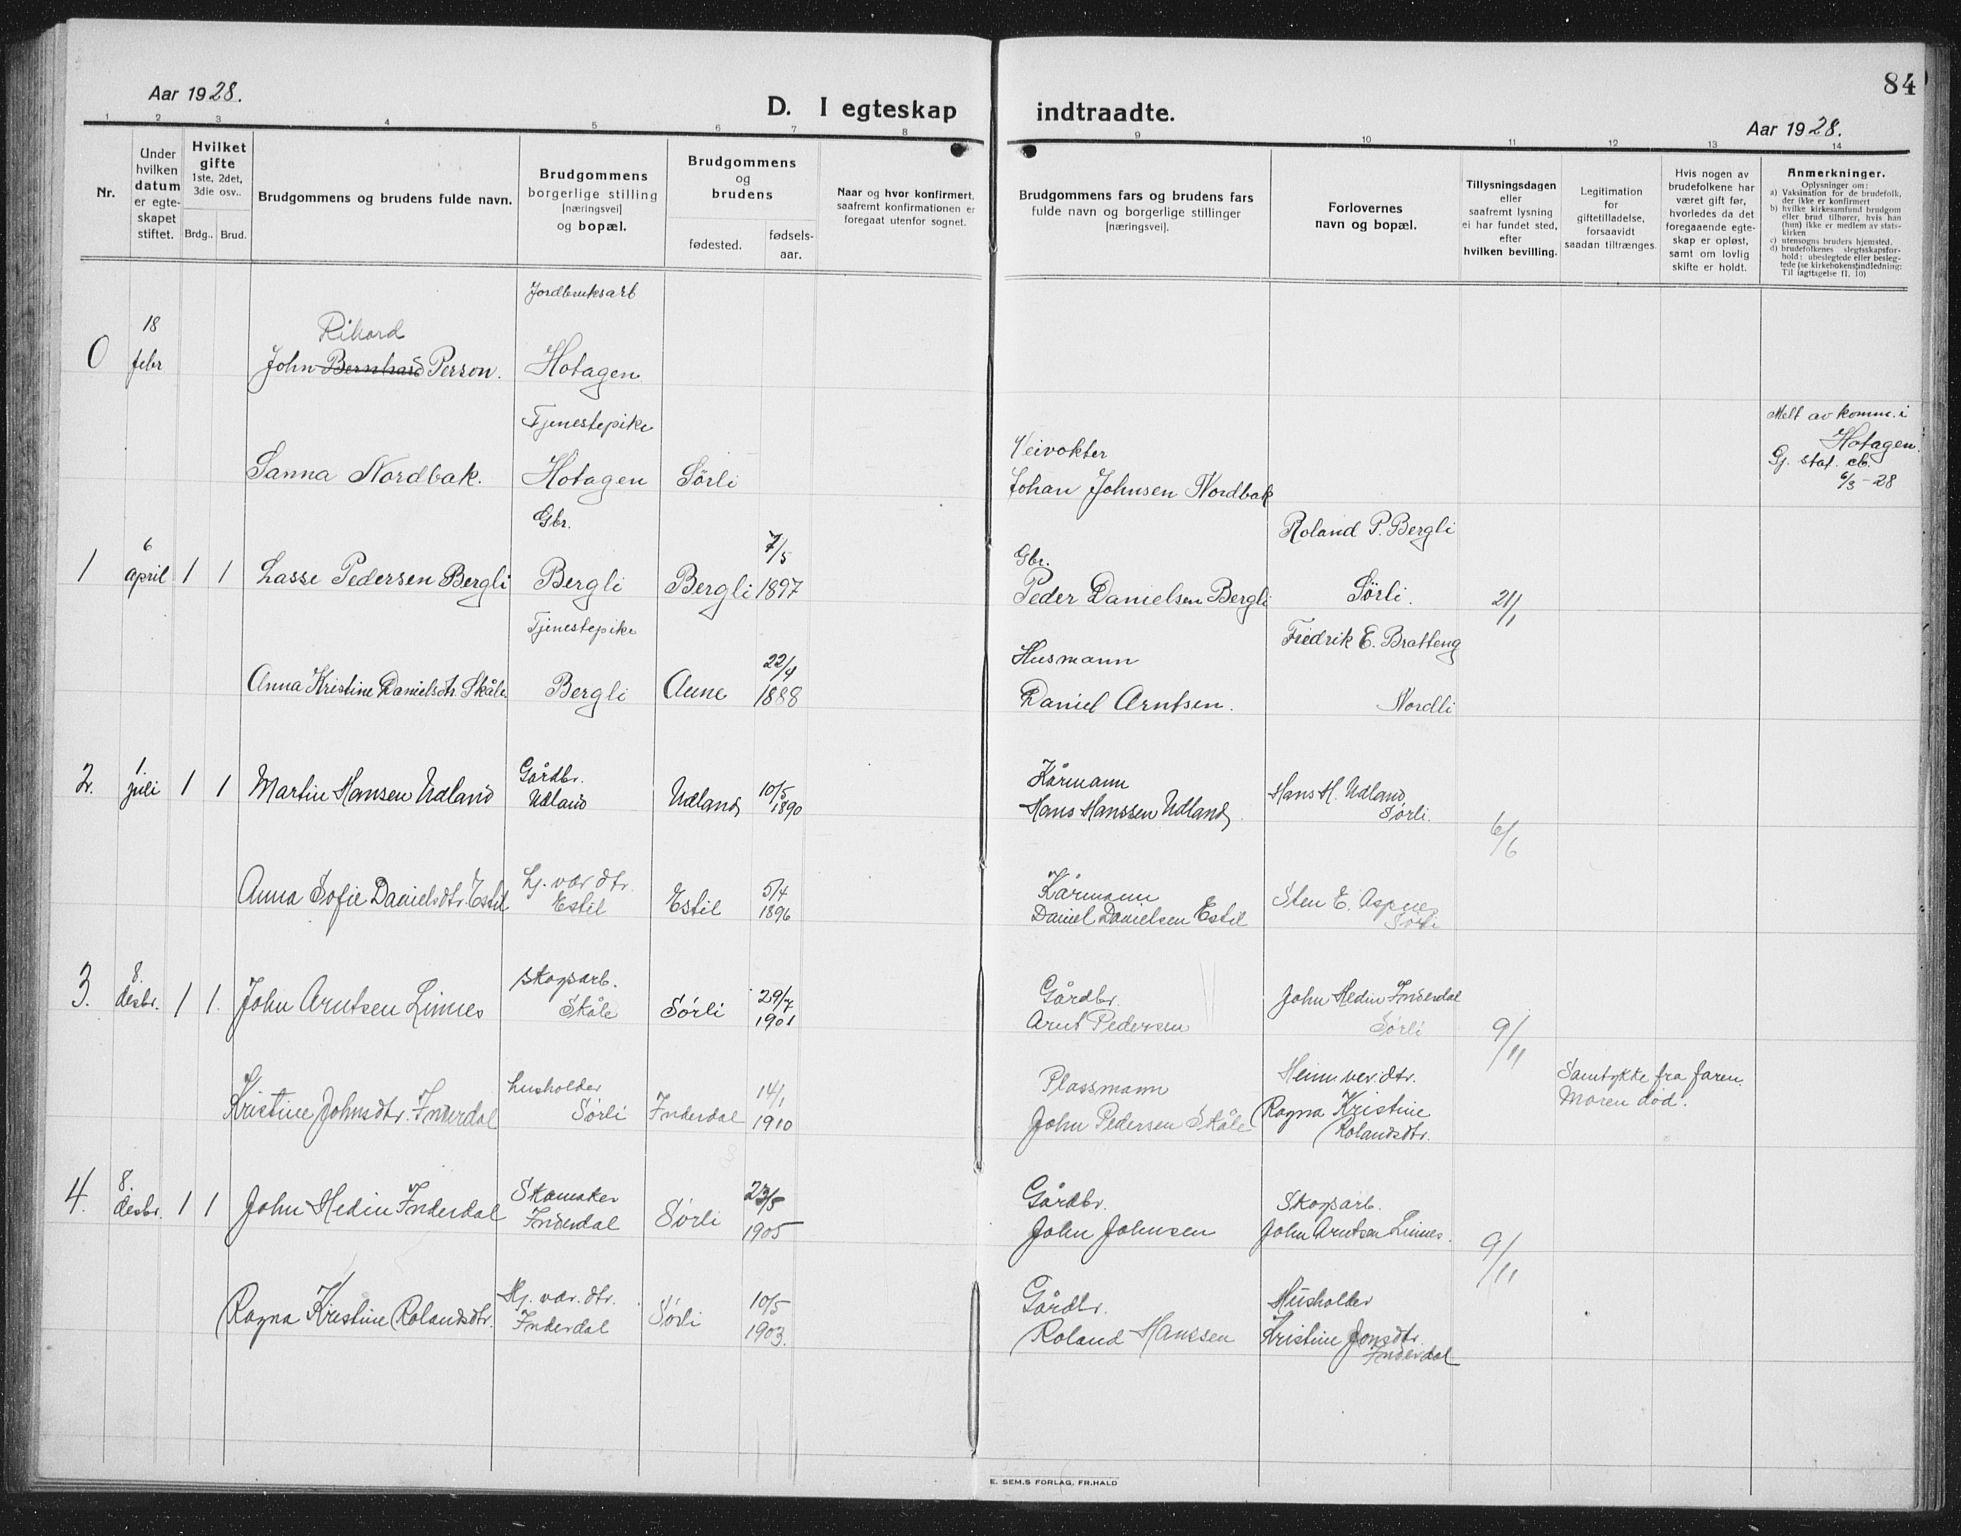 SAT, Ministerialprotokoller, klokkerbøker og fødselsregistre - Nord-Trøndelag, 757/L0507: Klokkerbok nr. 757C02, 1923-1939, s. 84